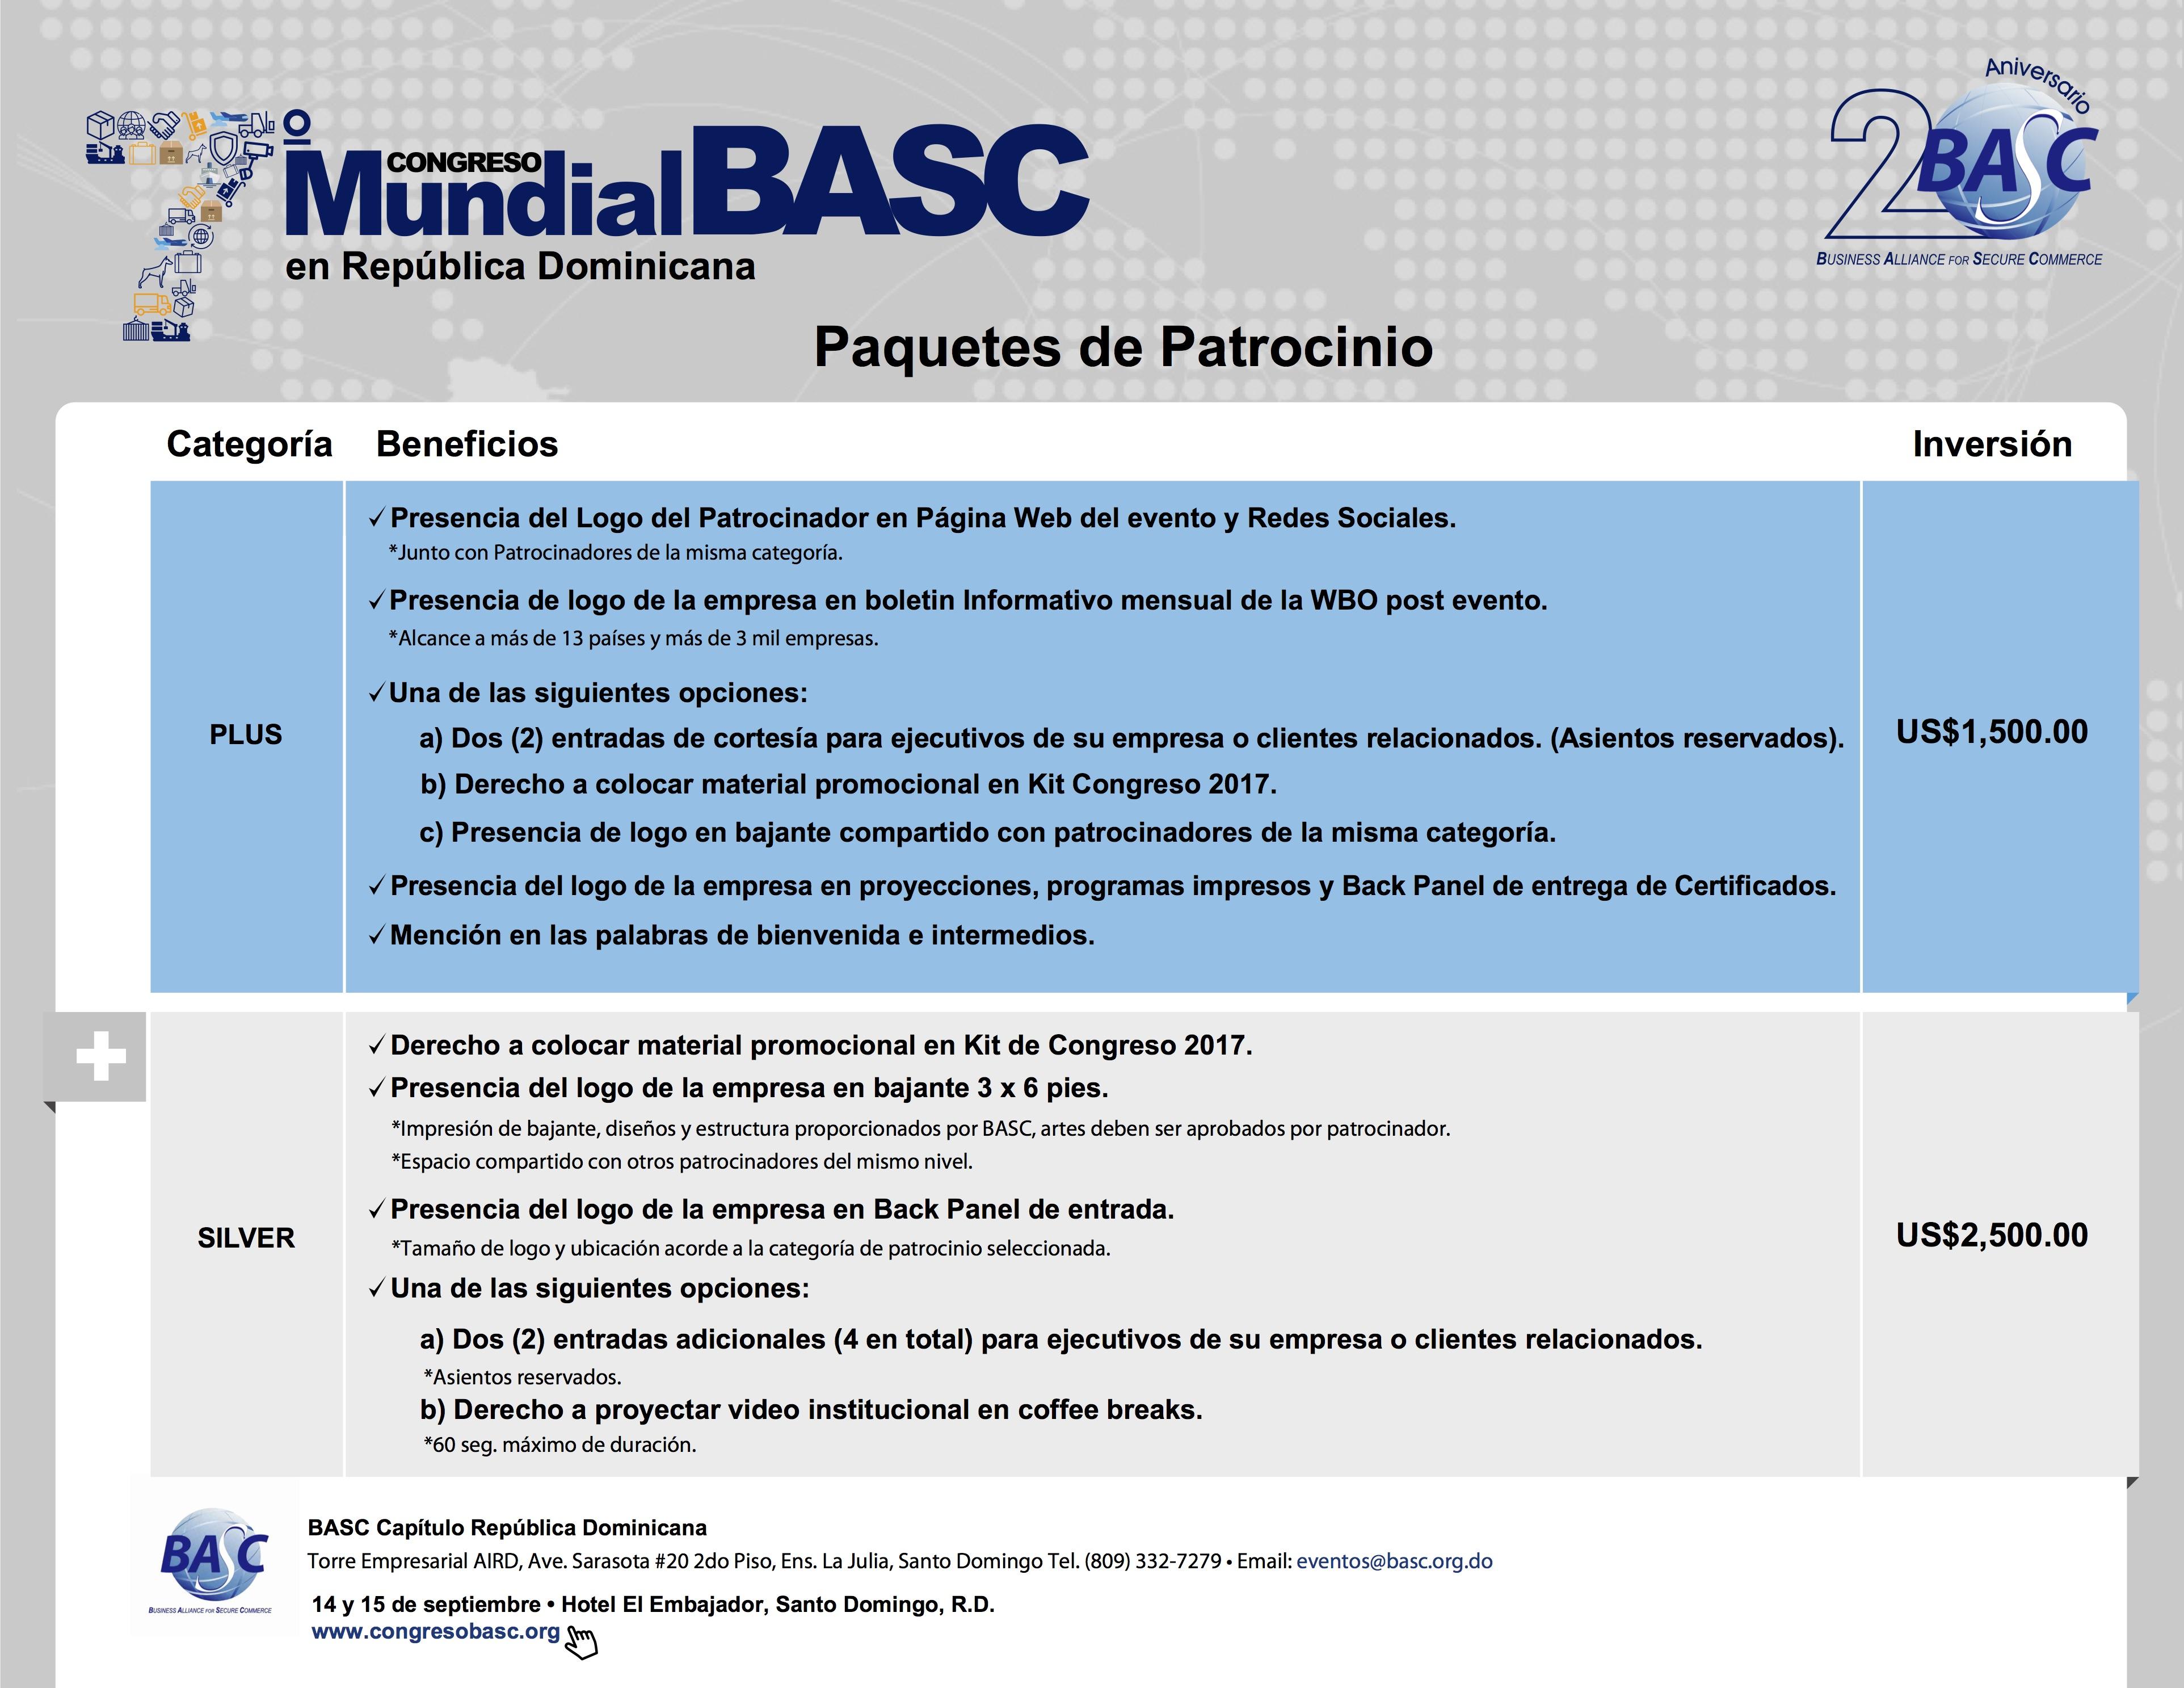 paquetes-patrocinio-congreso-mundialBASC-2017